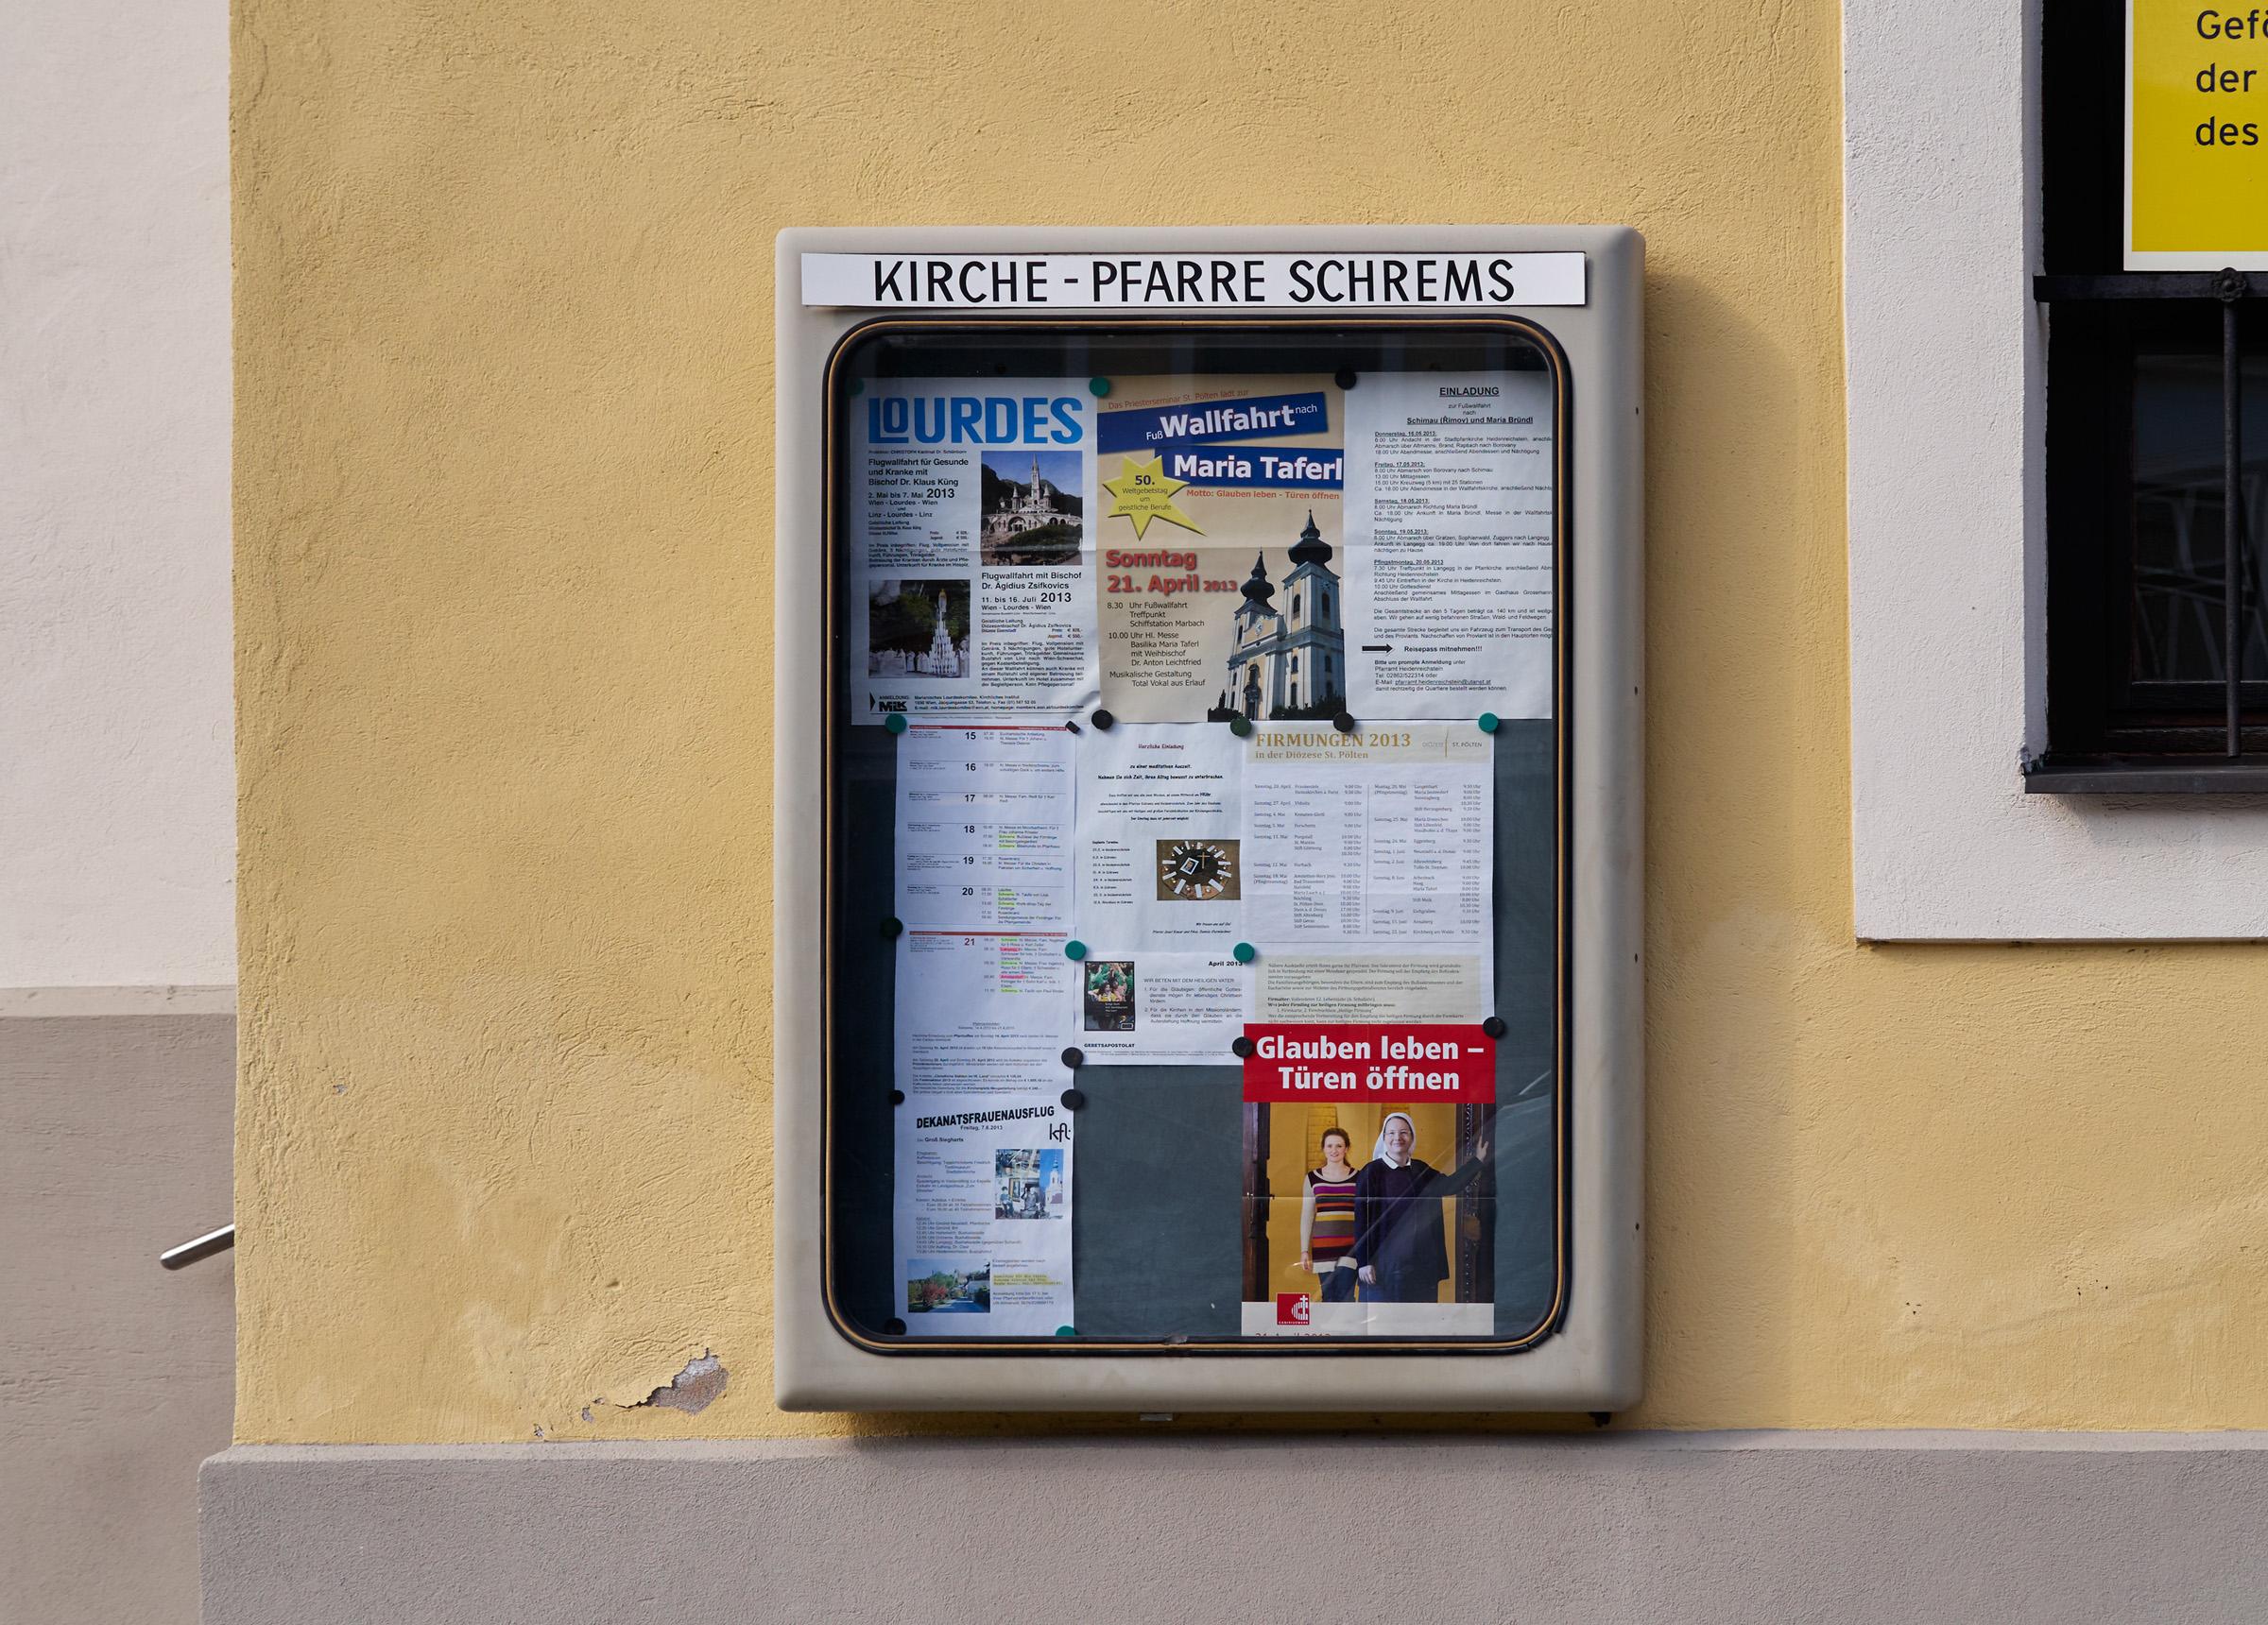 Schrems Kirche nah 2013-04-16.jpg